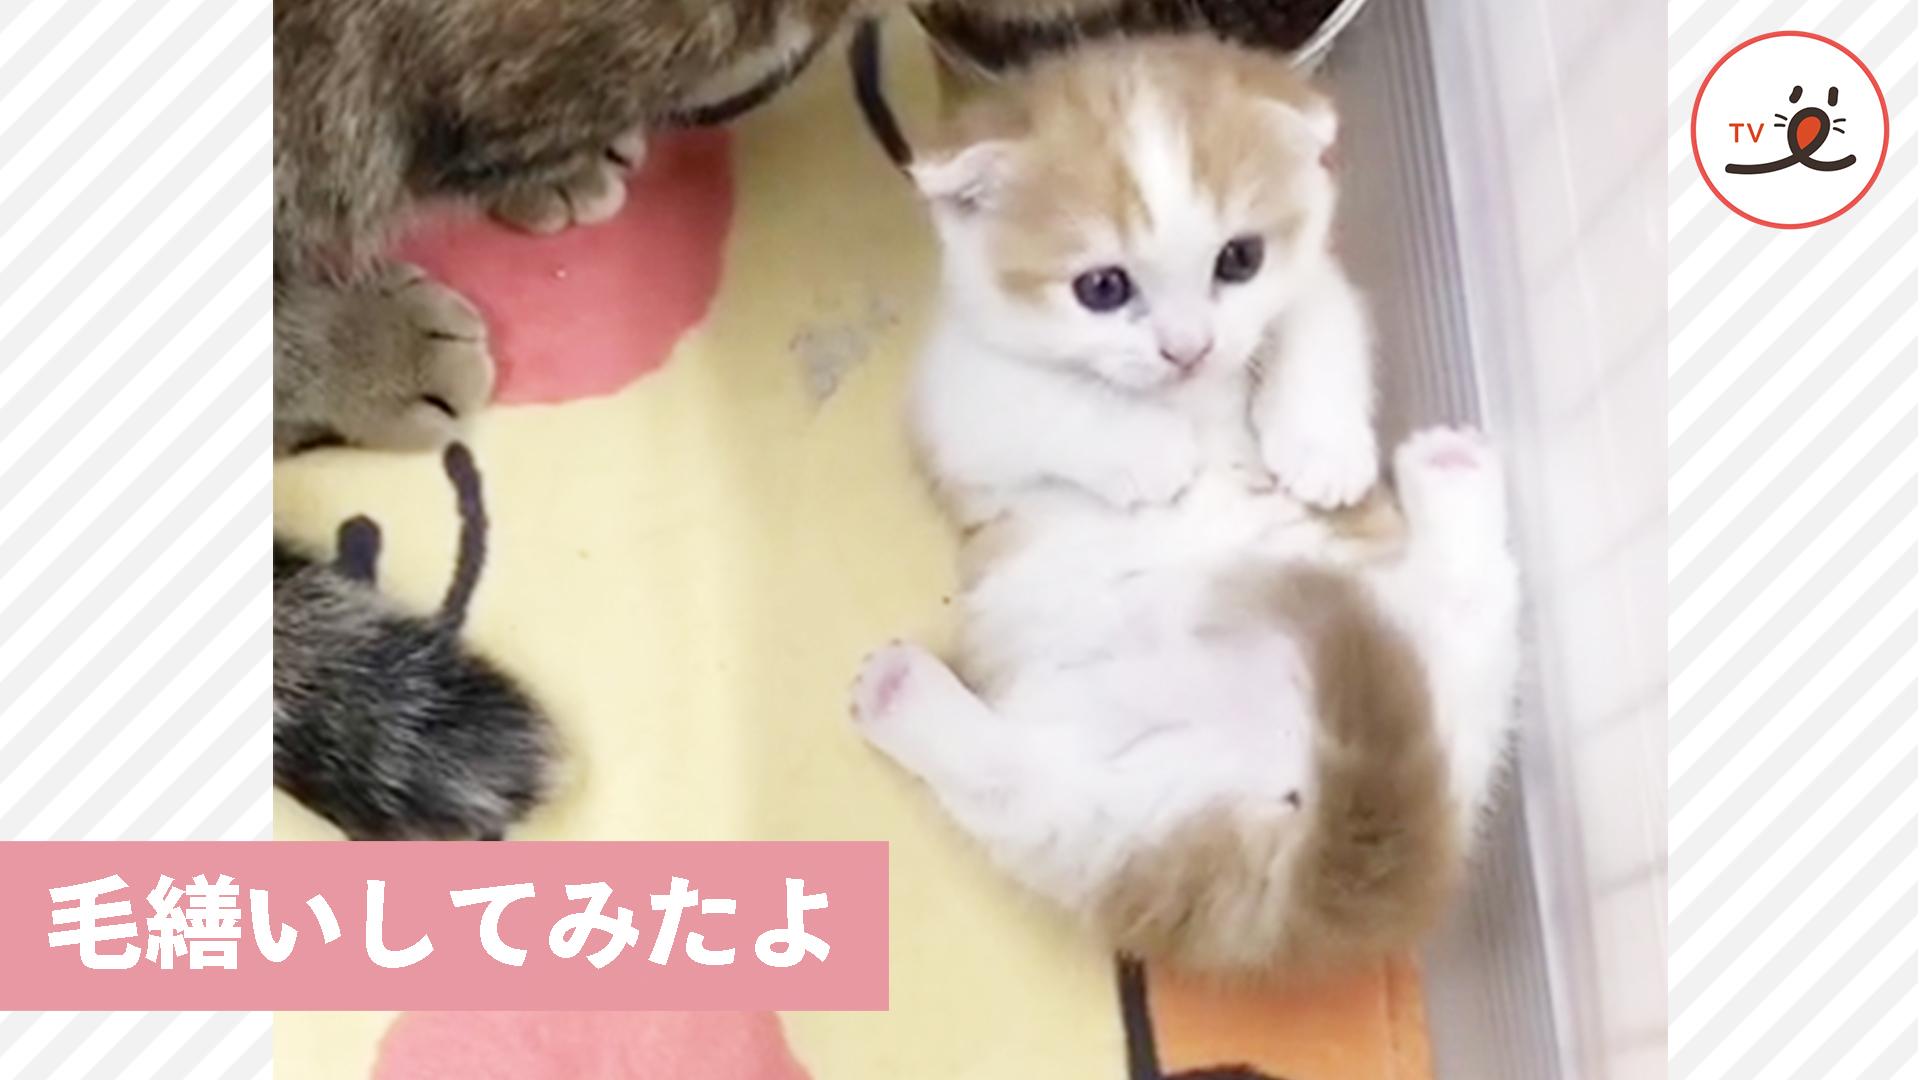 子猫ちゃんが初々しい毛繕い💕 ぎこちない動作が可愛い😍